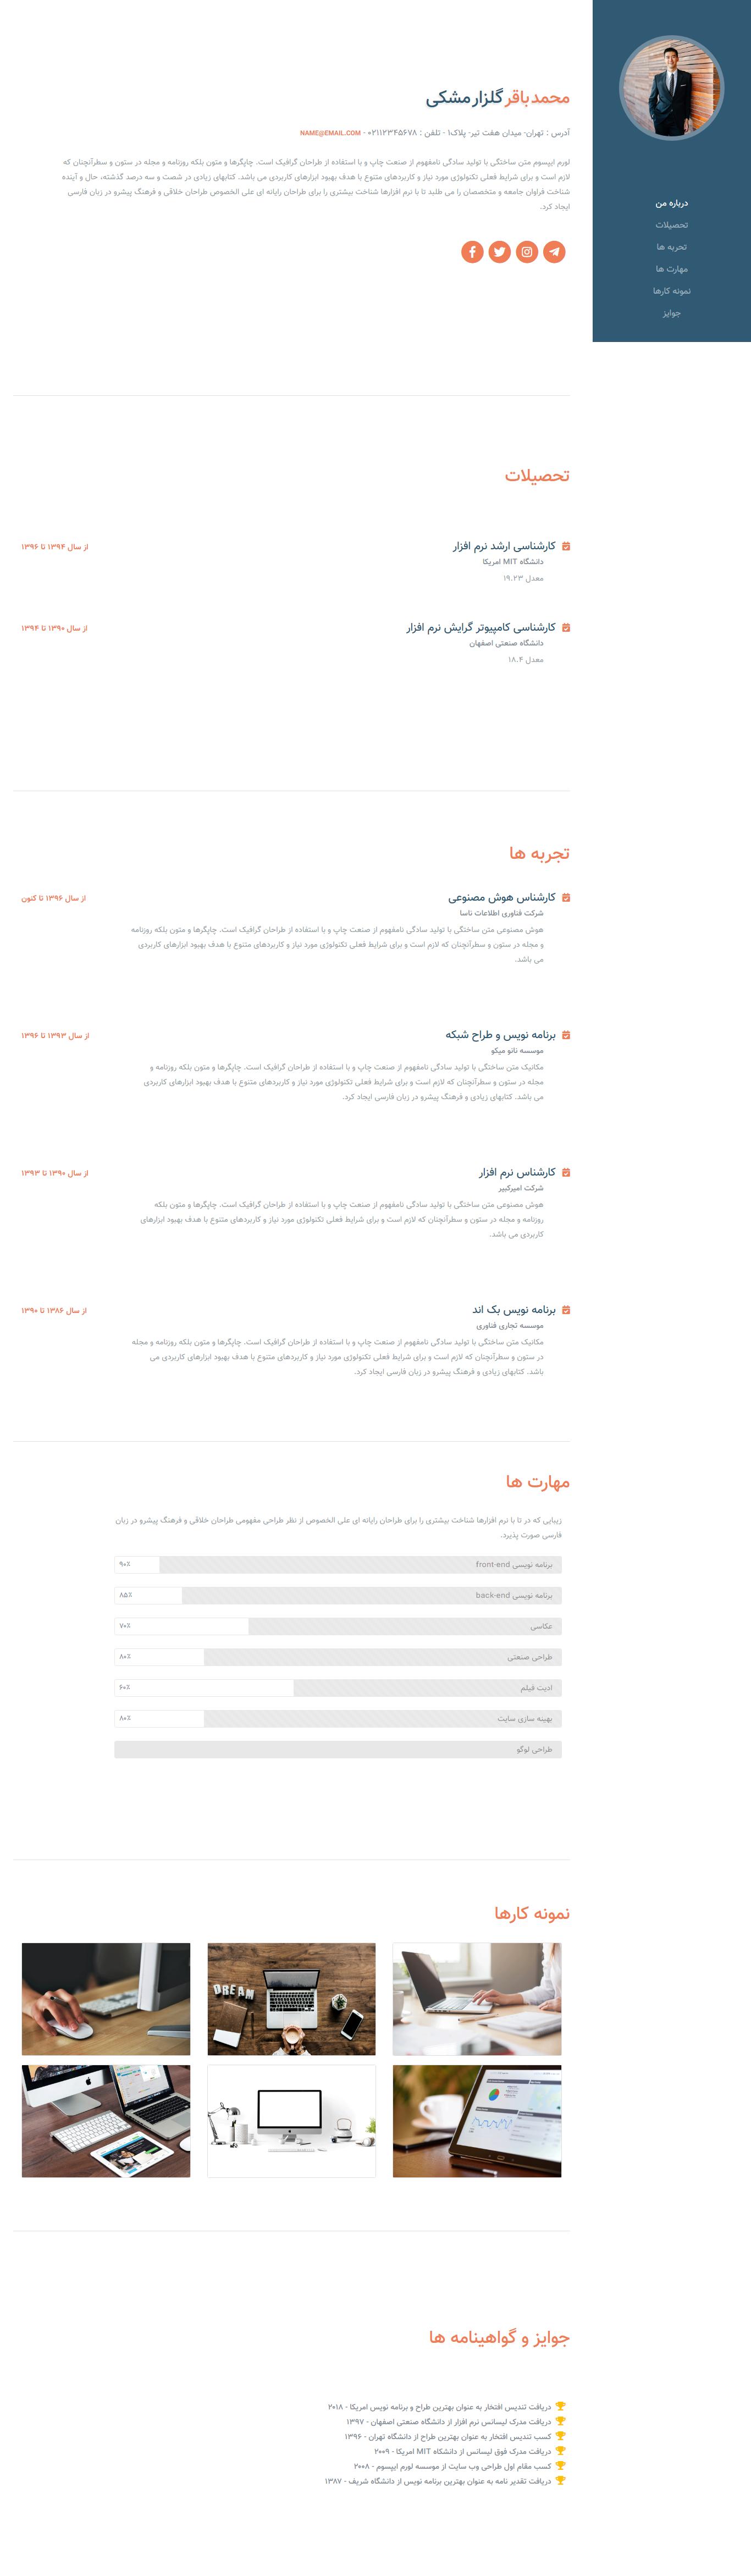 قالب html فیلیکس | قالب شخصی فیلیکس